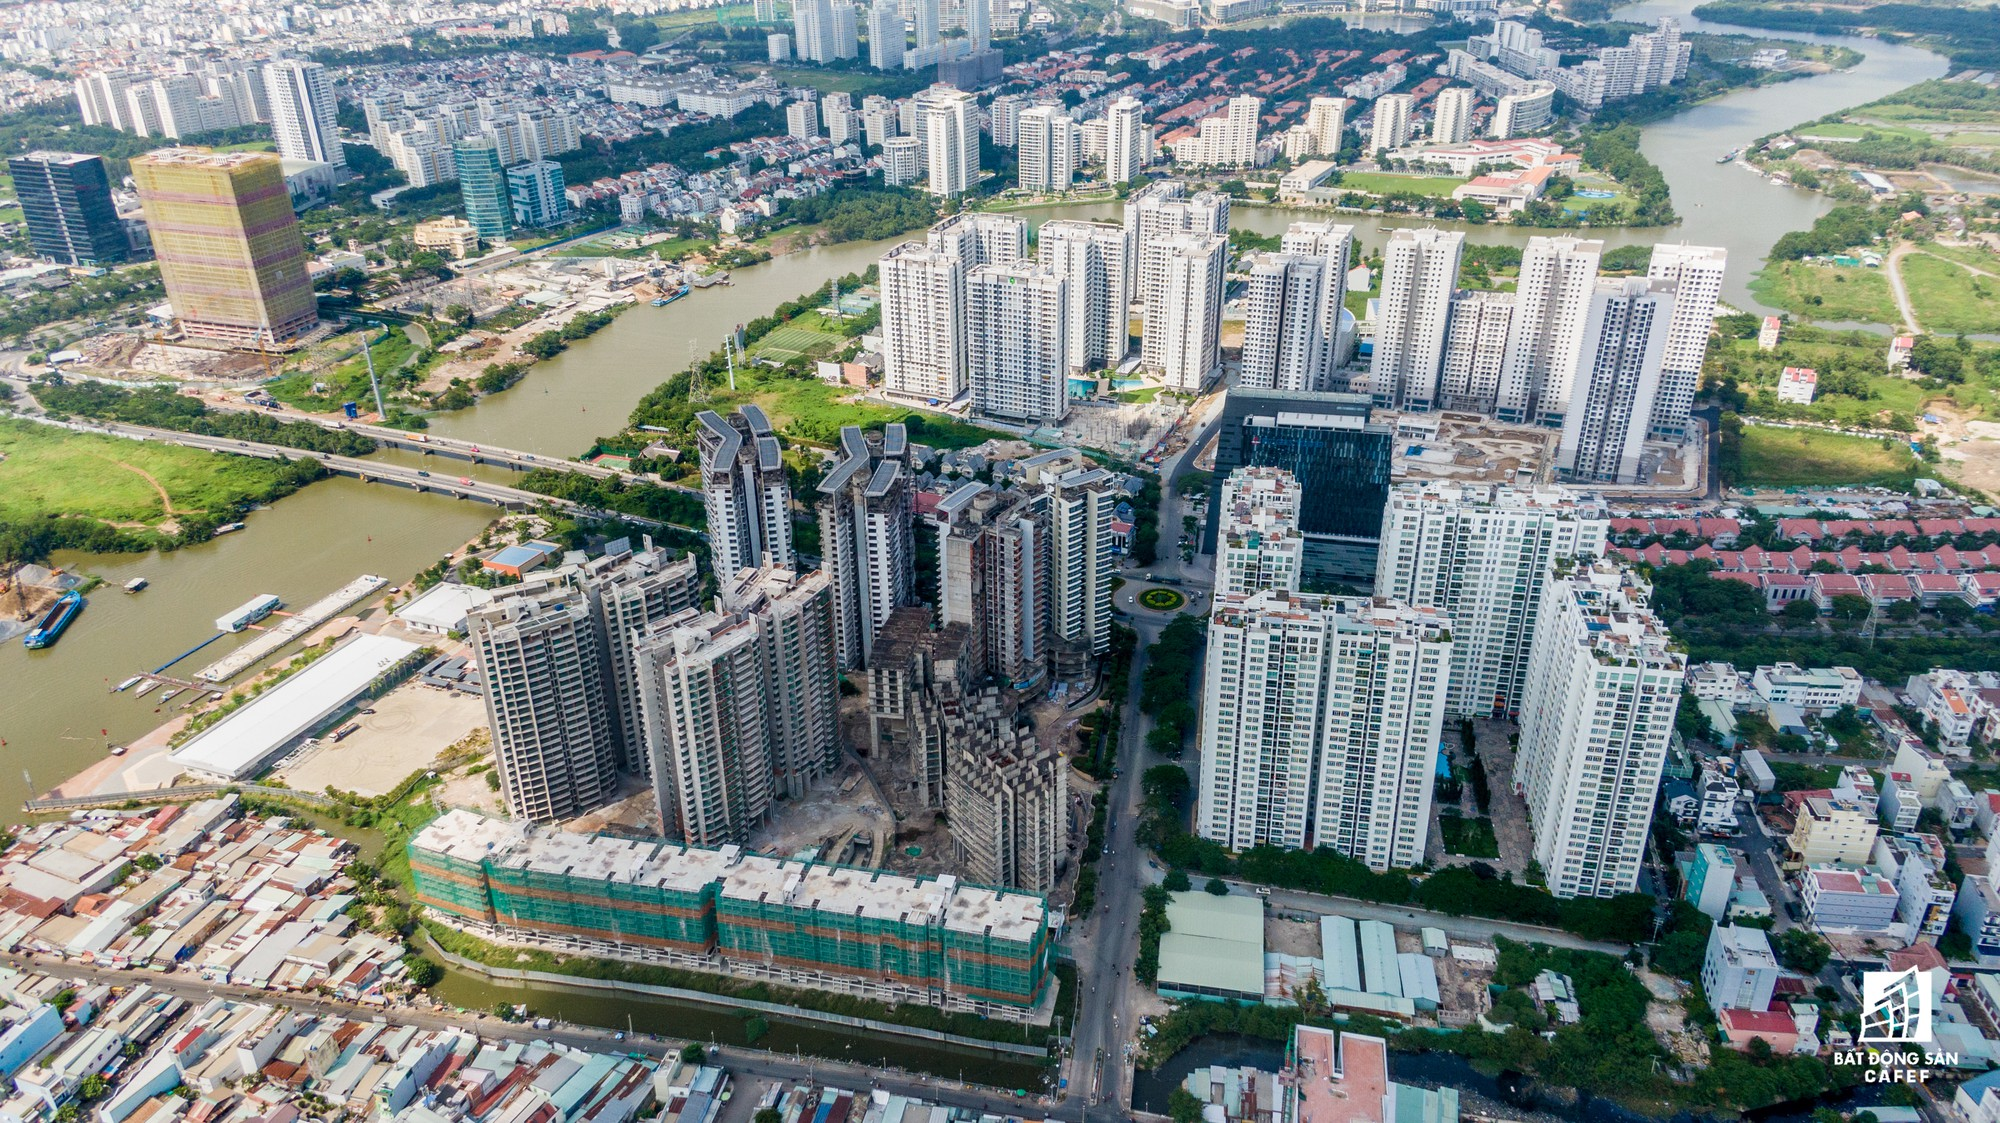 Toàn cảnh đại lộ tỷ đô đã tạo nên một thị trường bất động sản rất riêng cho khu Nam Sài Gòn - Ảnh 24.